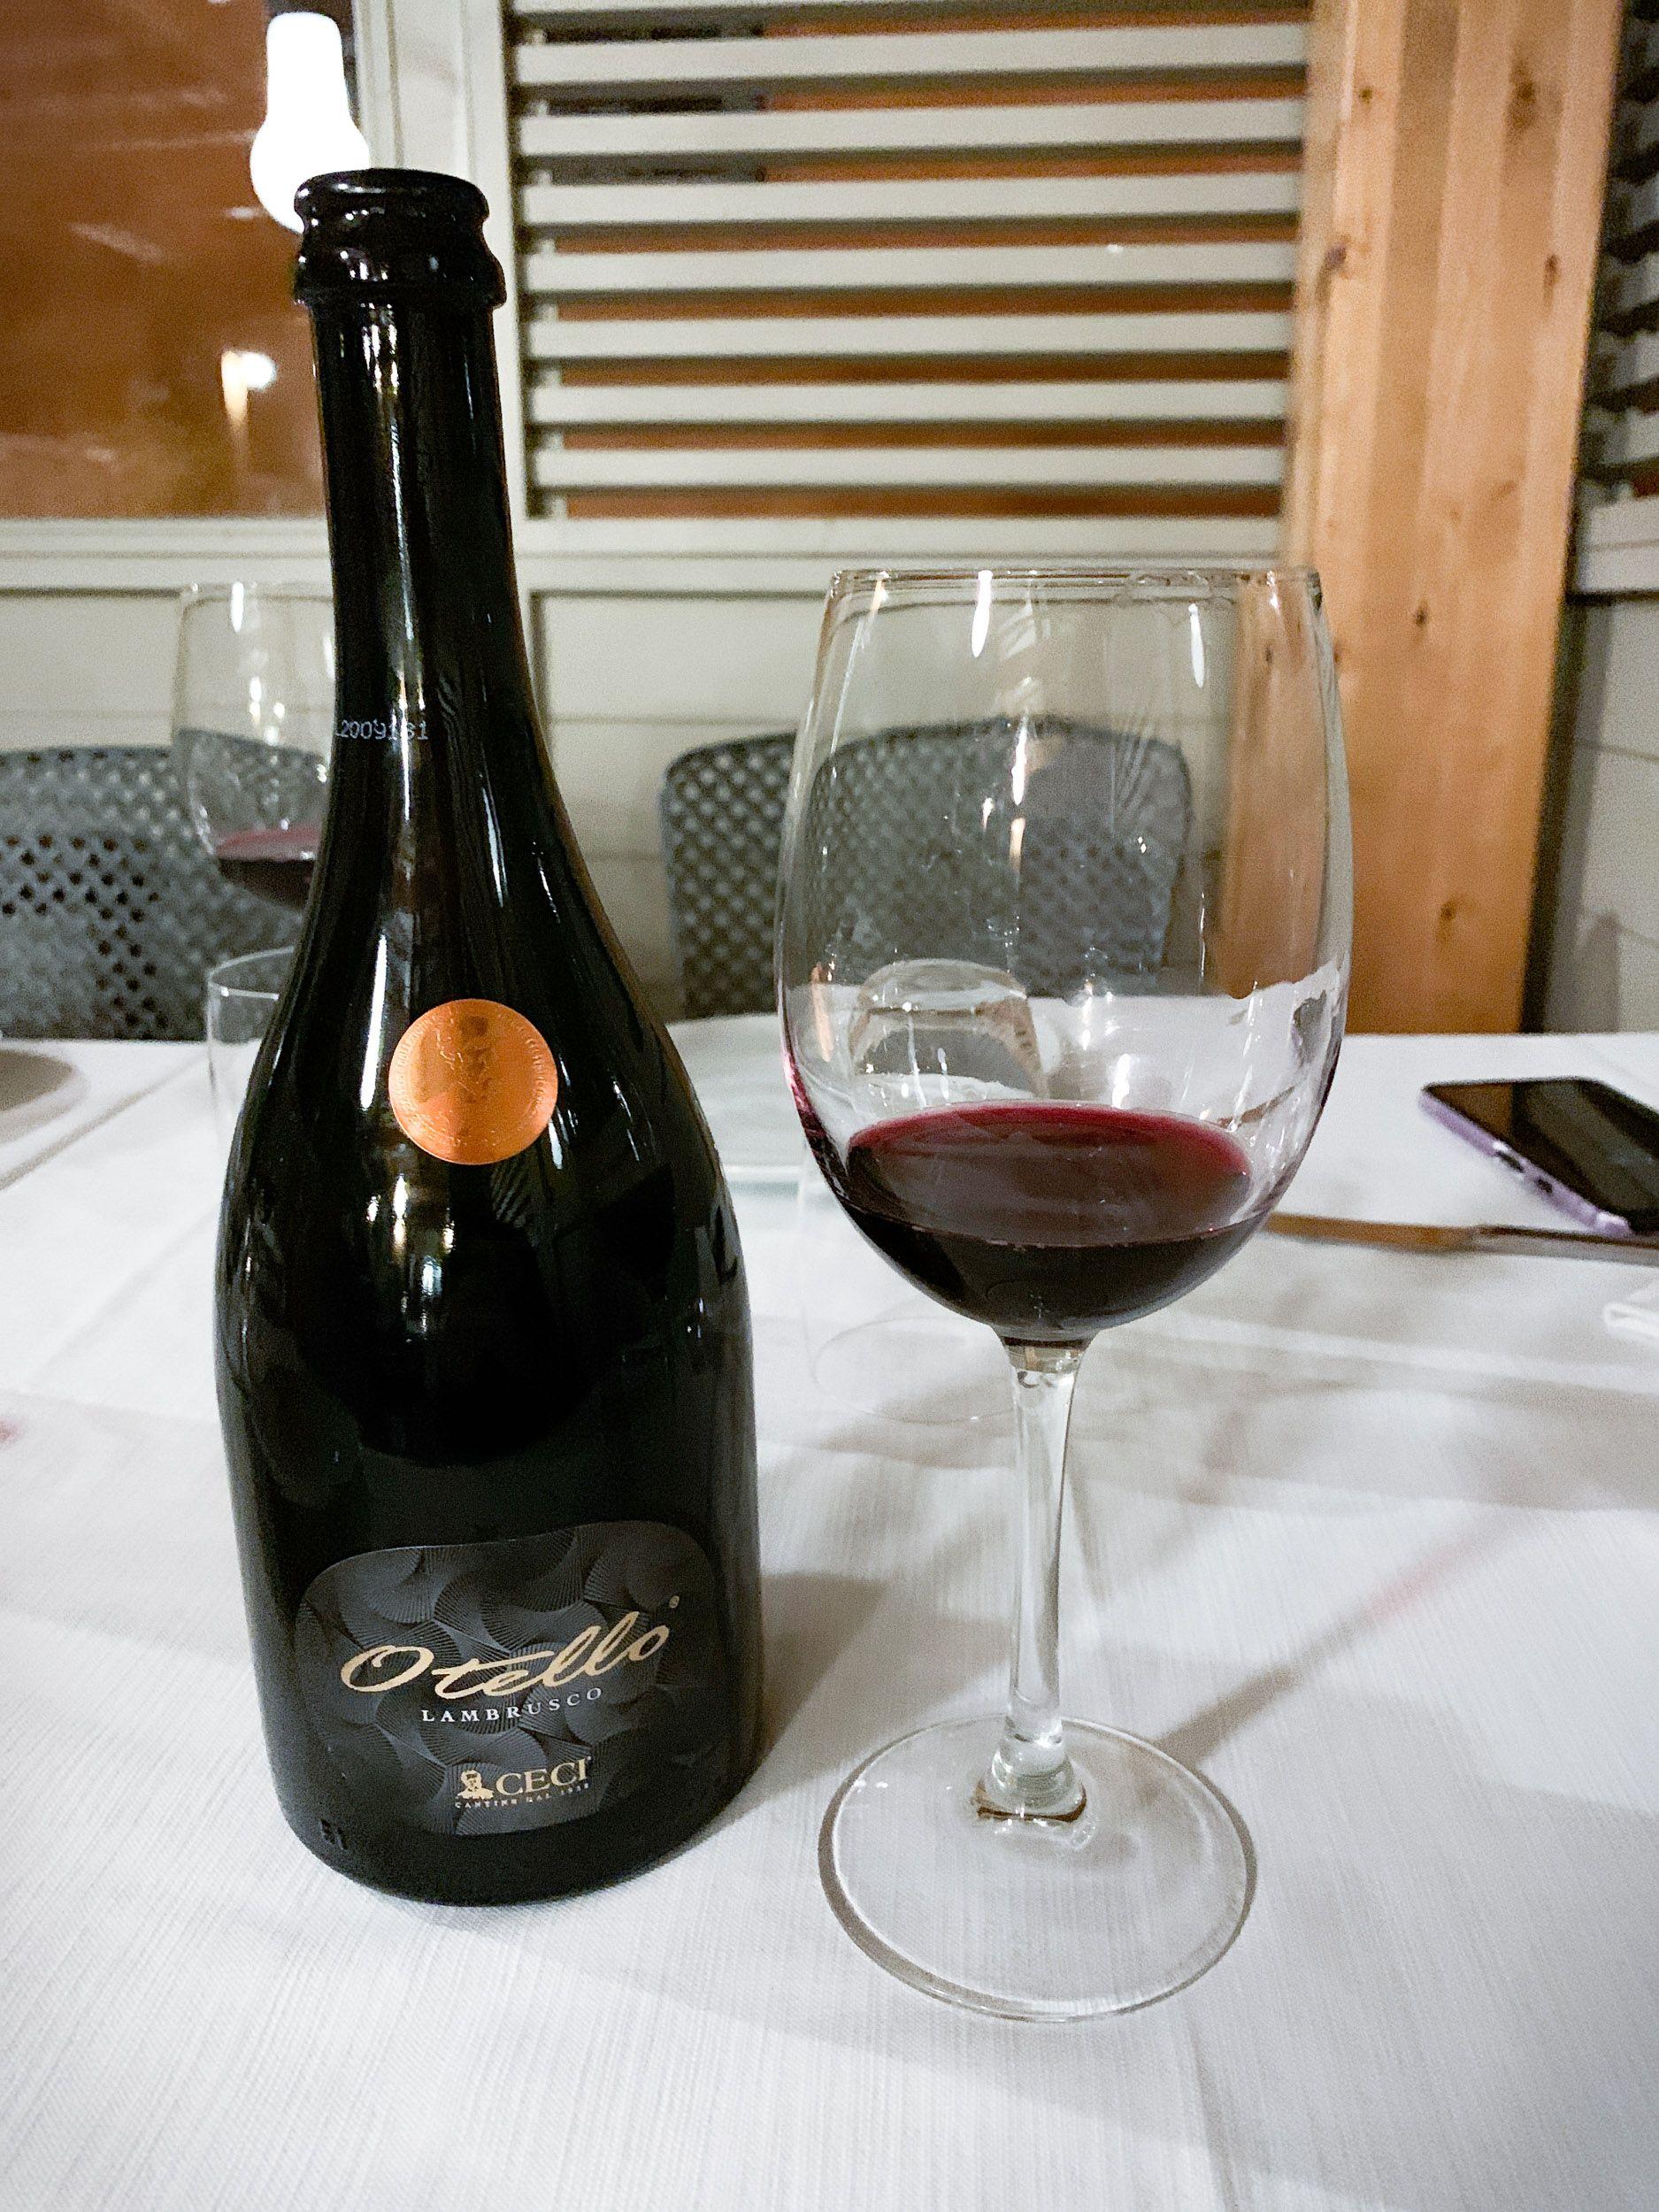 Lambrusco is sparkling red wine common in Emilia-Romagna, Italy.